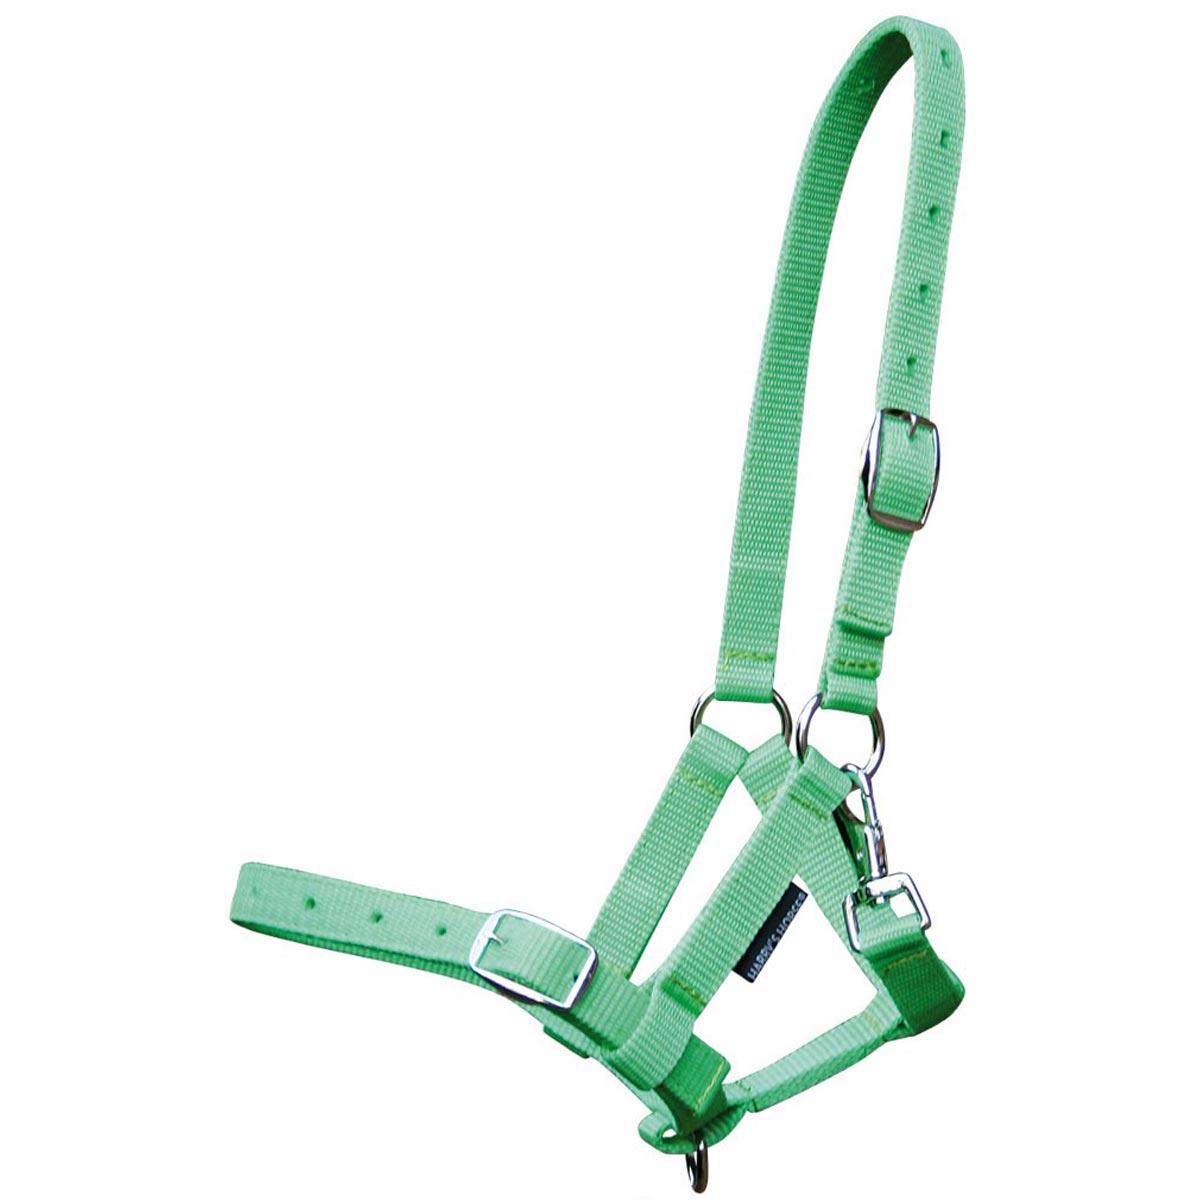 Harrys Horse halster veulen 41045 groen maat:veulen